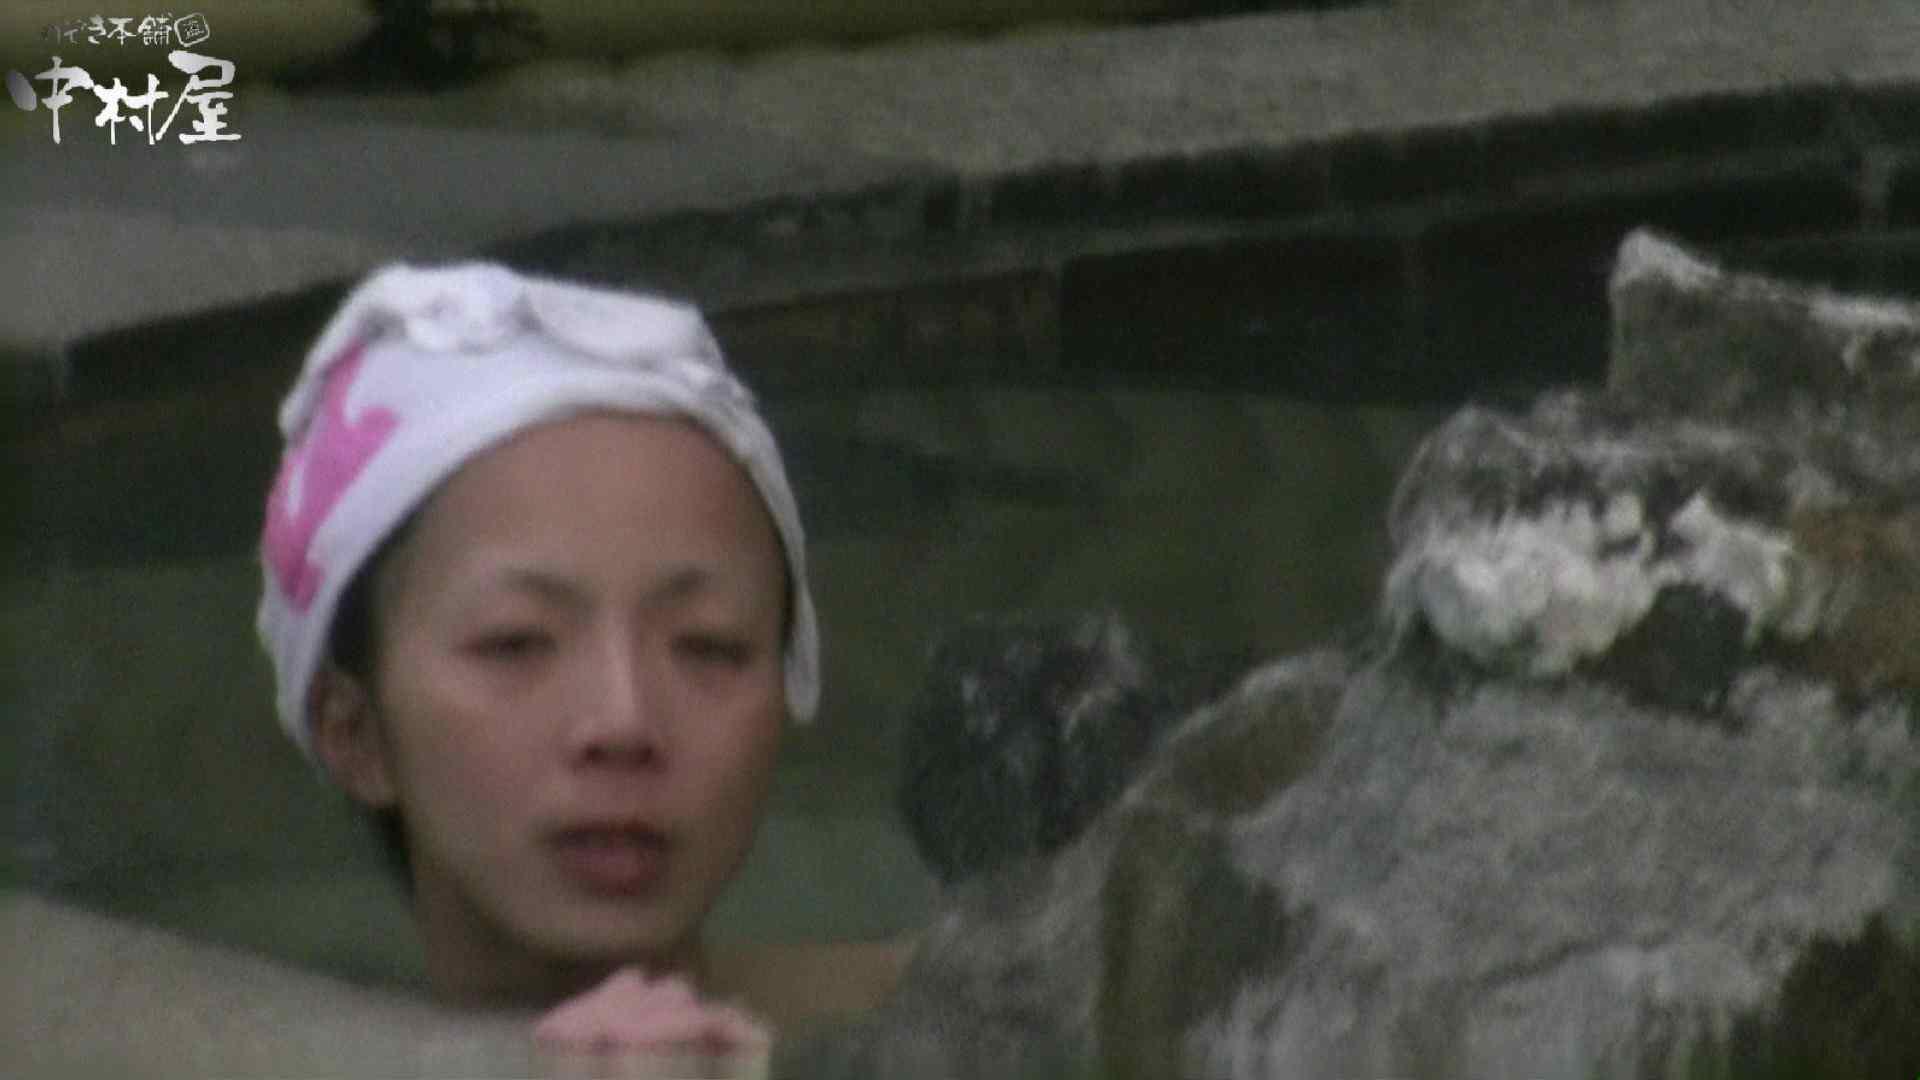 Aquaな露天風呂Vol.929 盗撮   OLのエロ生活  104連発 82